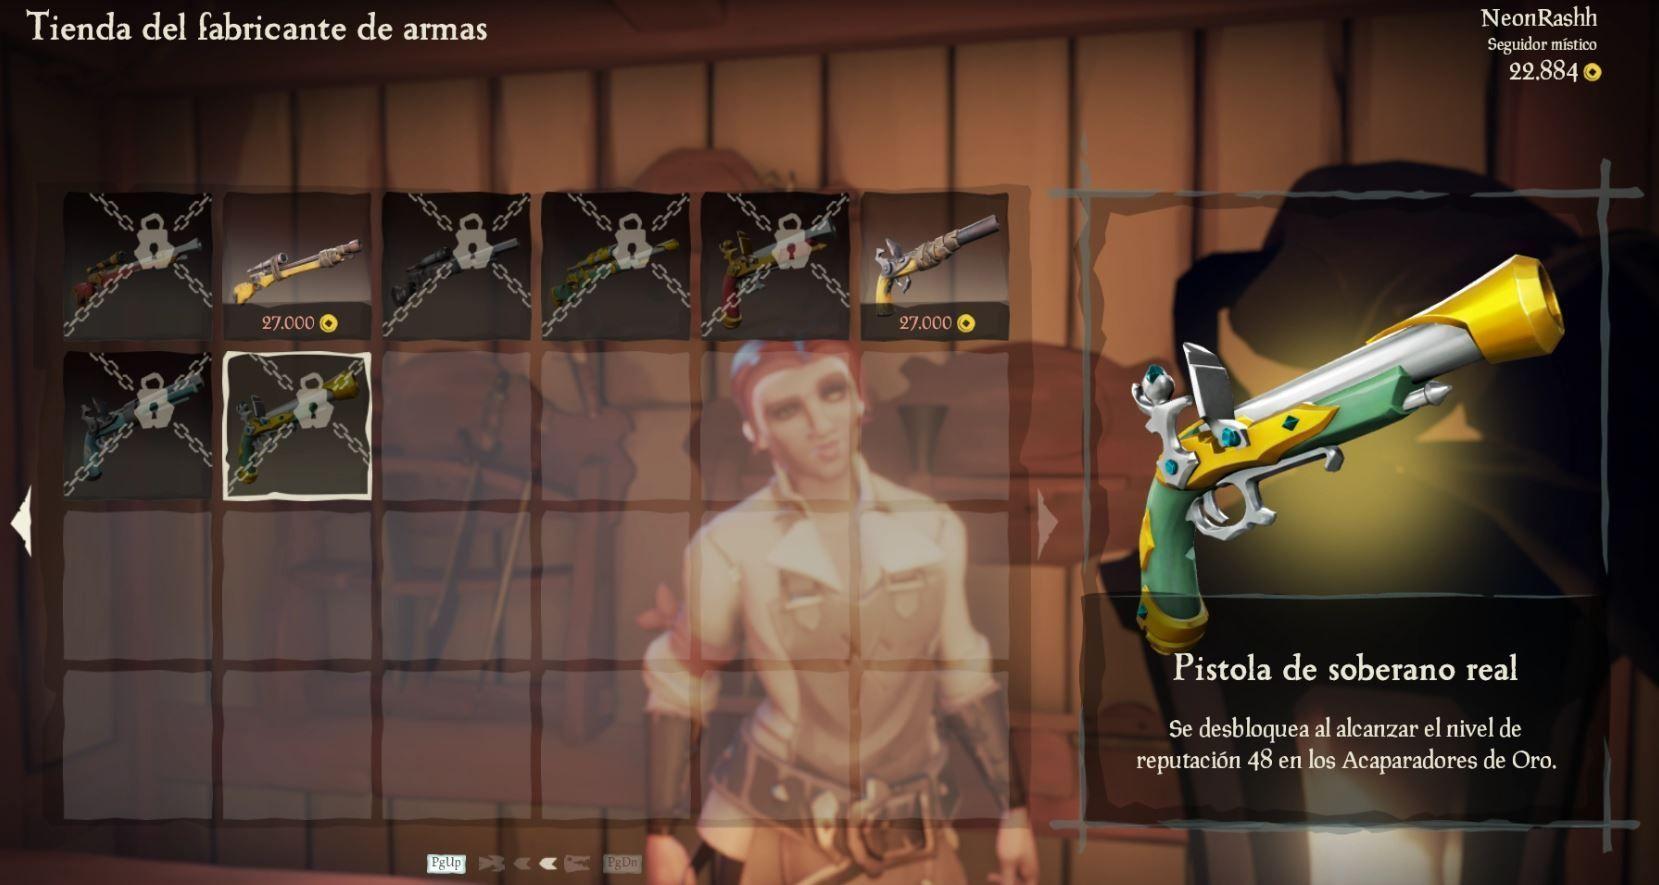 tienda armas 2